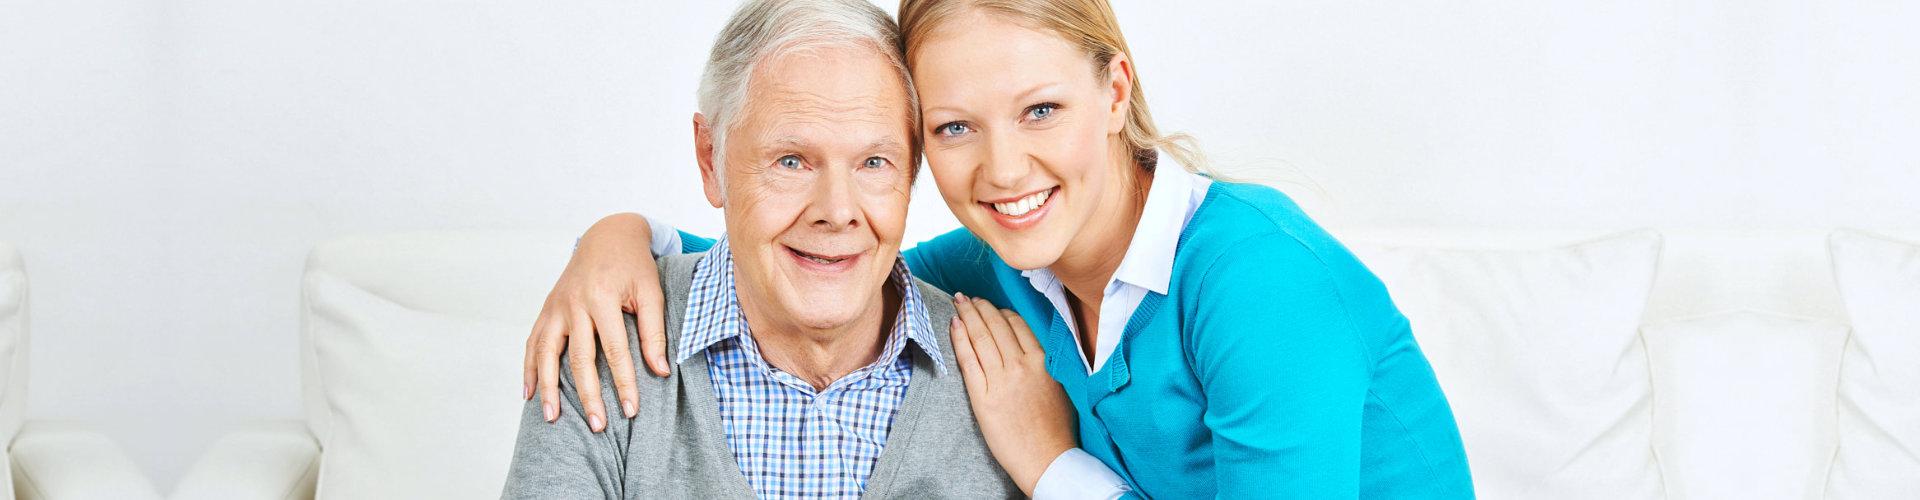 happy senior man with caregiver